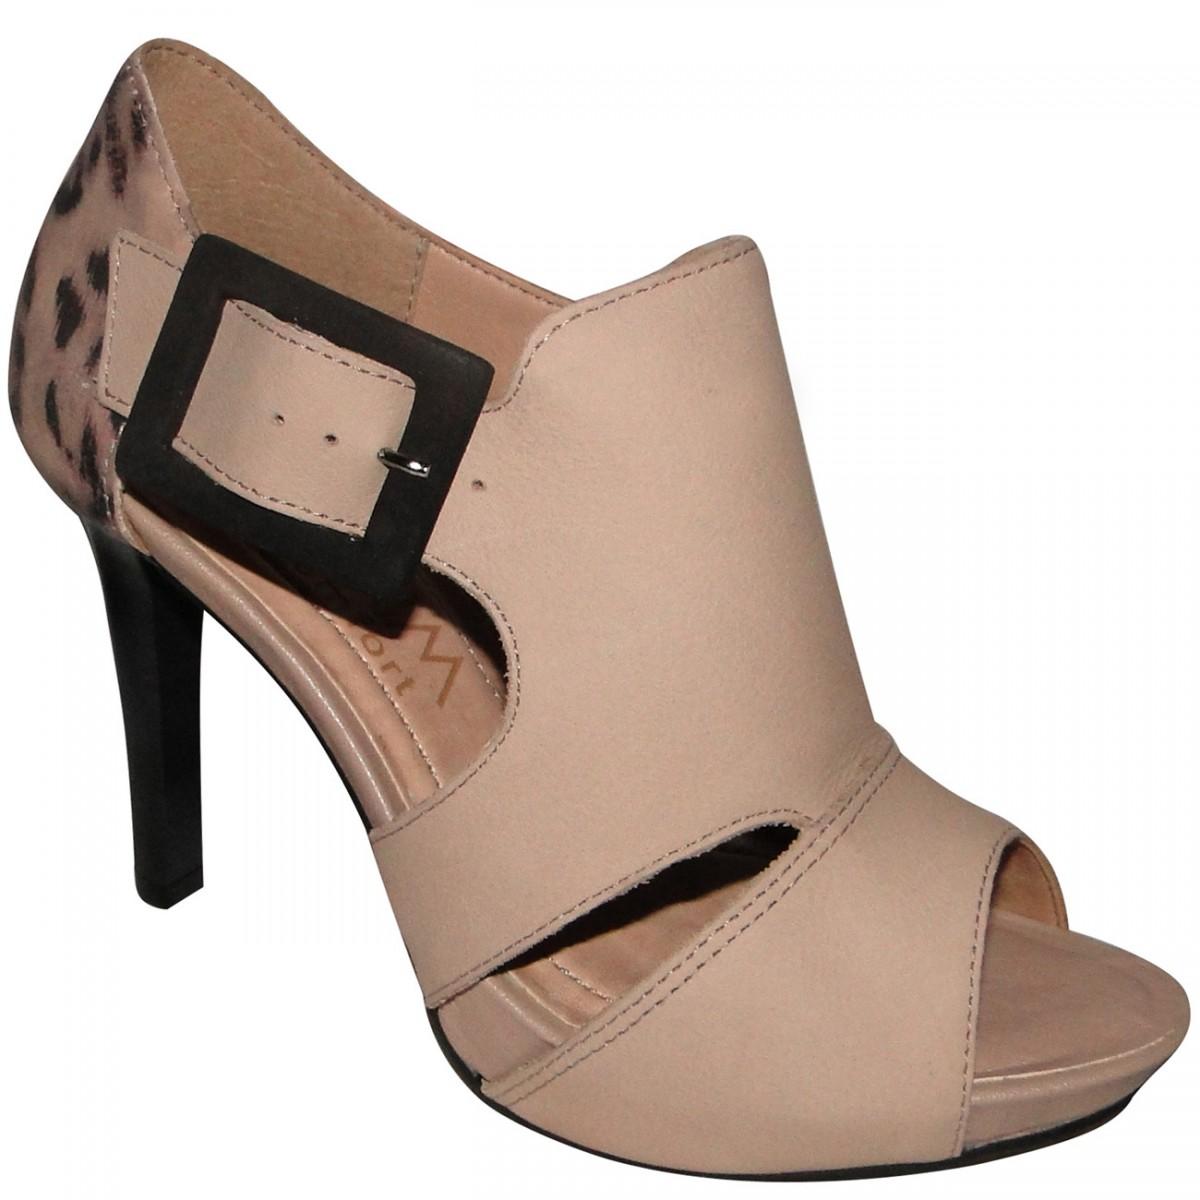 debaaecc5 SANDALIA RAMARIM REF.1229205 1229205-5688 - AVELÃ - Chuteira Nike, Adidas. Sandalias  Femininas. Sandy Calçados